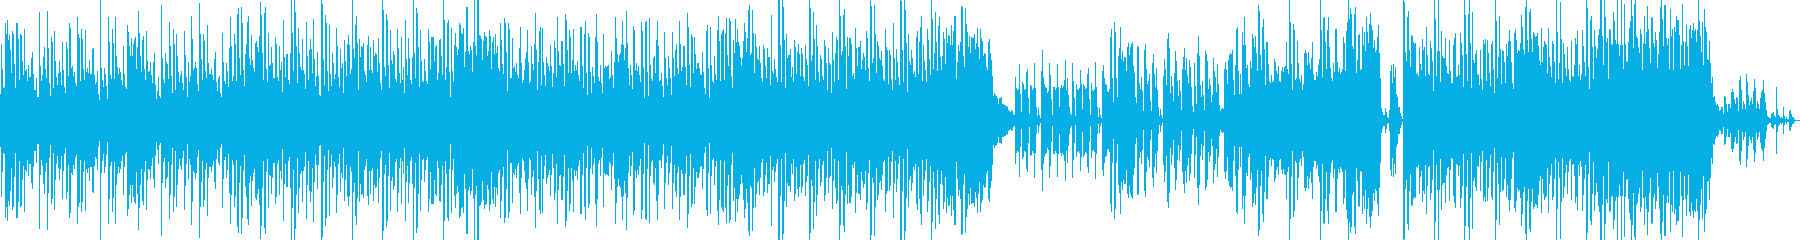 犬の鳴き声をキャッチーなサウンドにの再生済みの波形